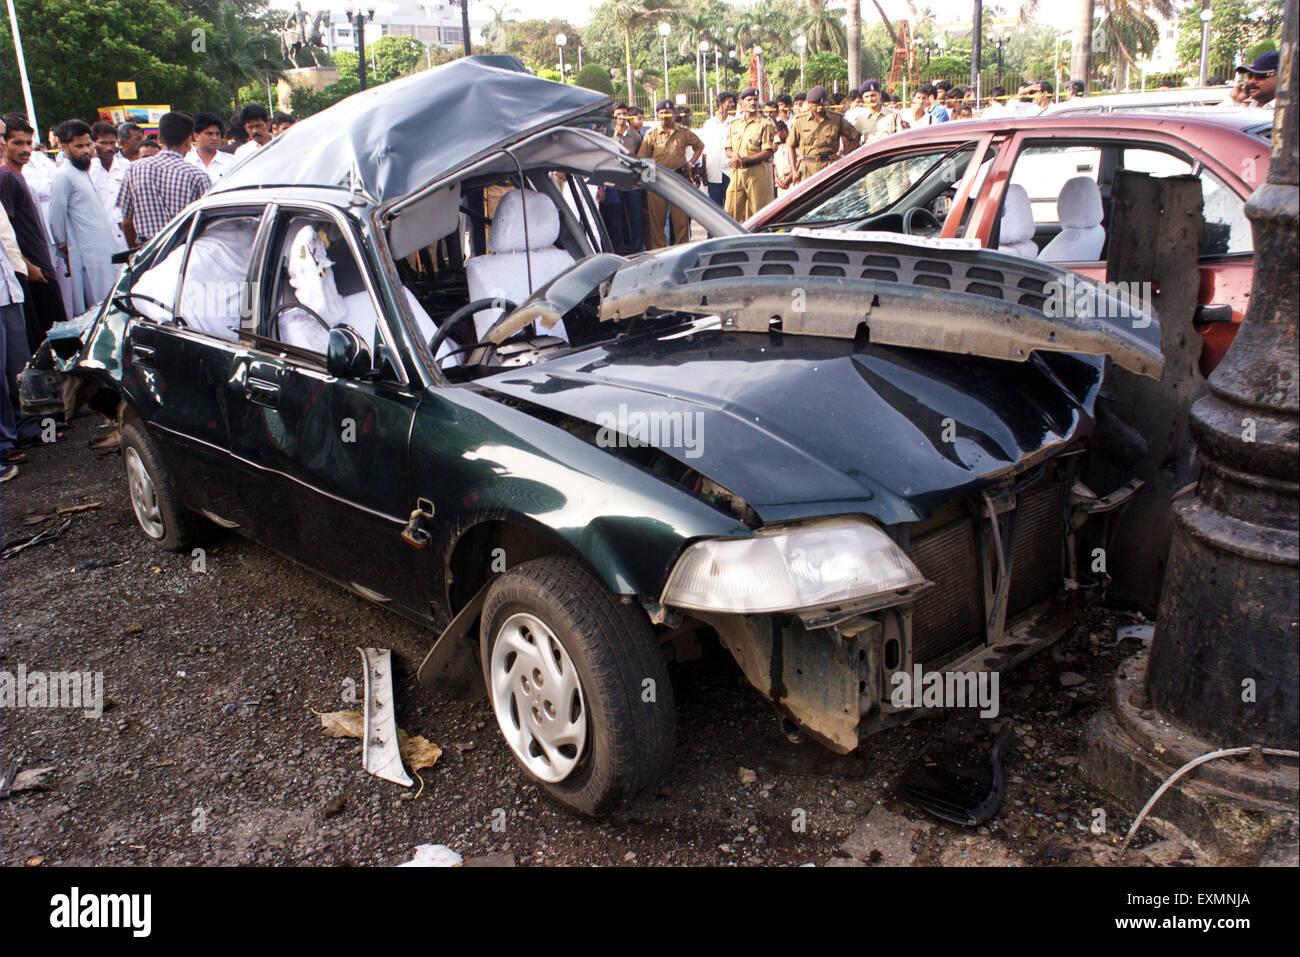 car damage bomb blast explosion Bombay Mumbai Maharashtra india - Stock Image